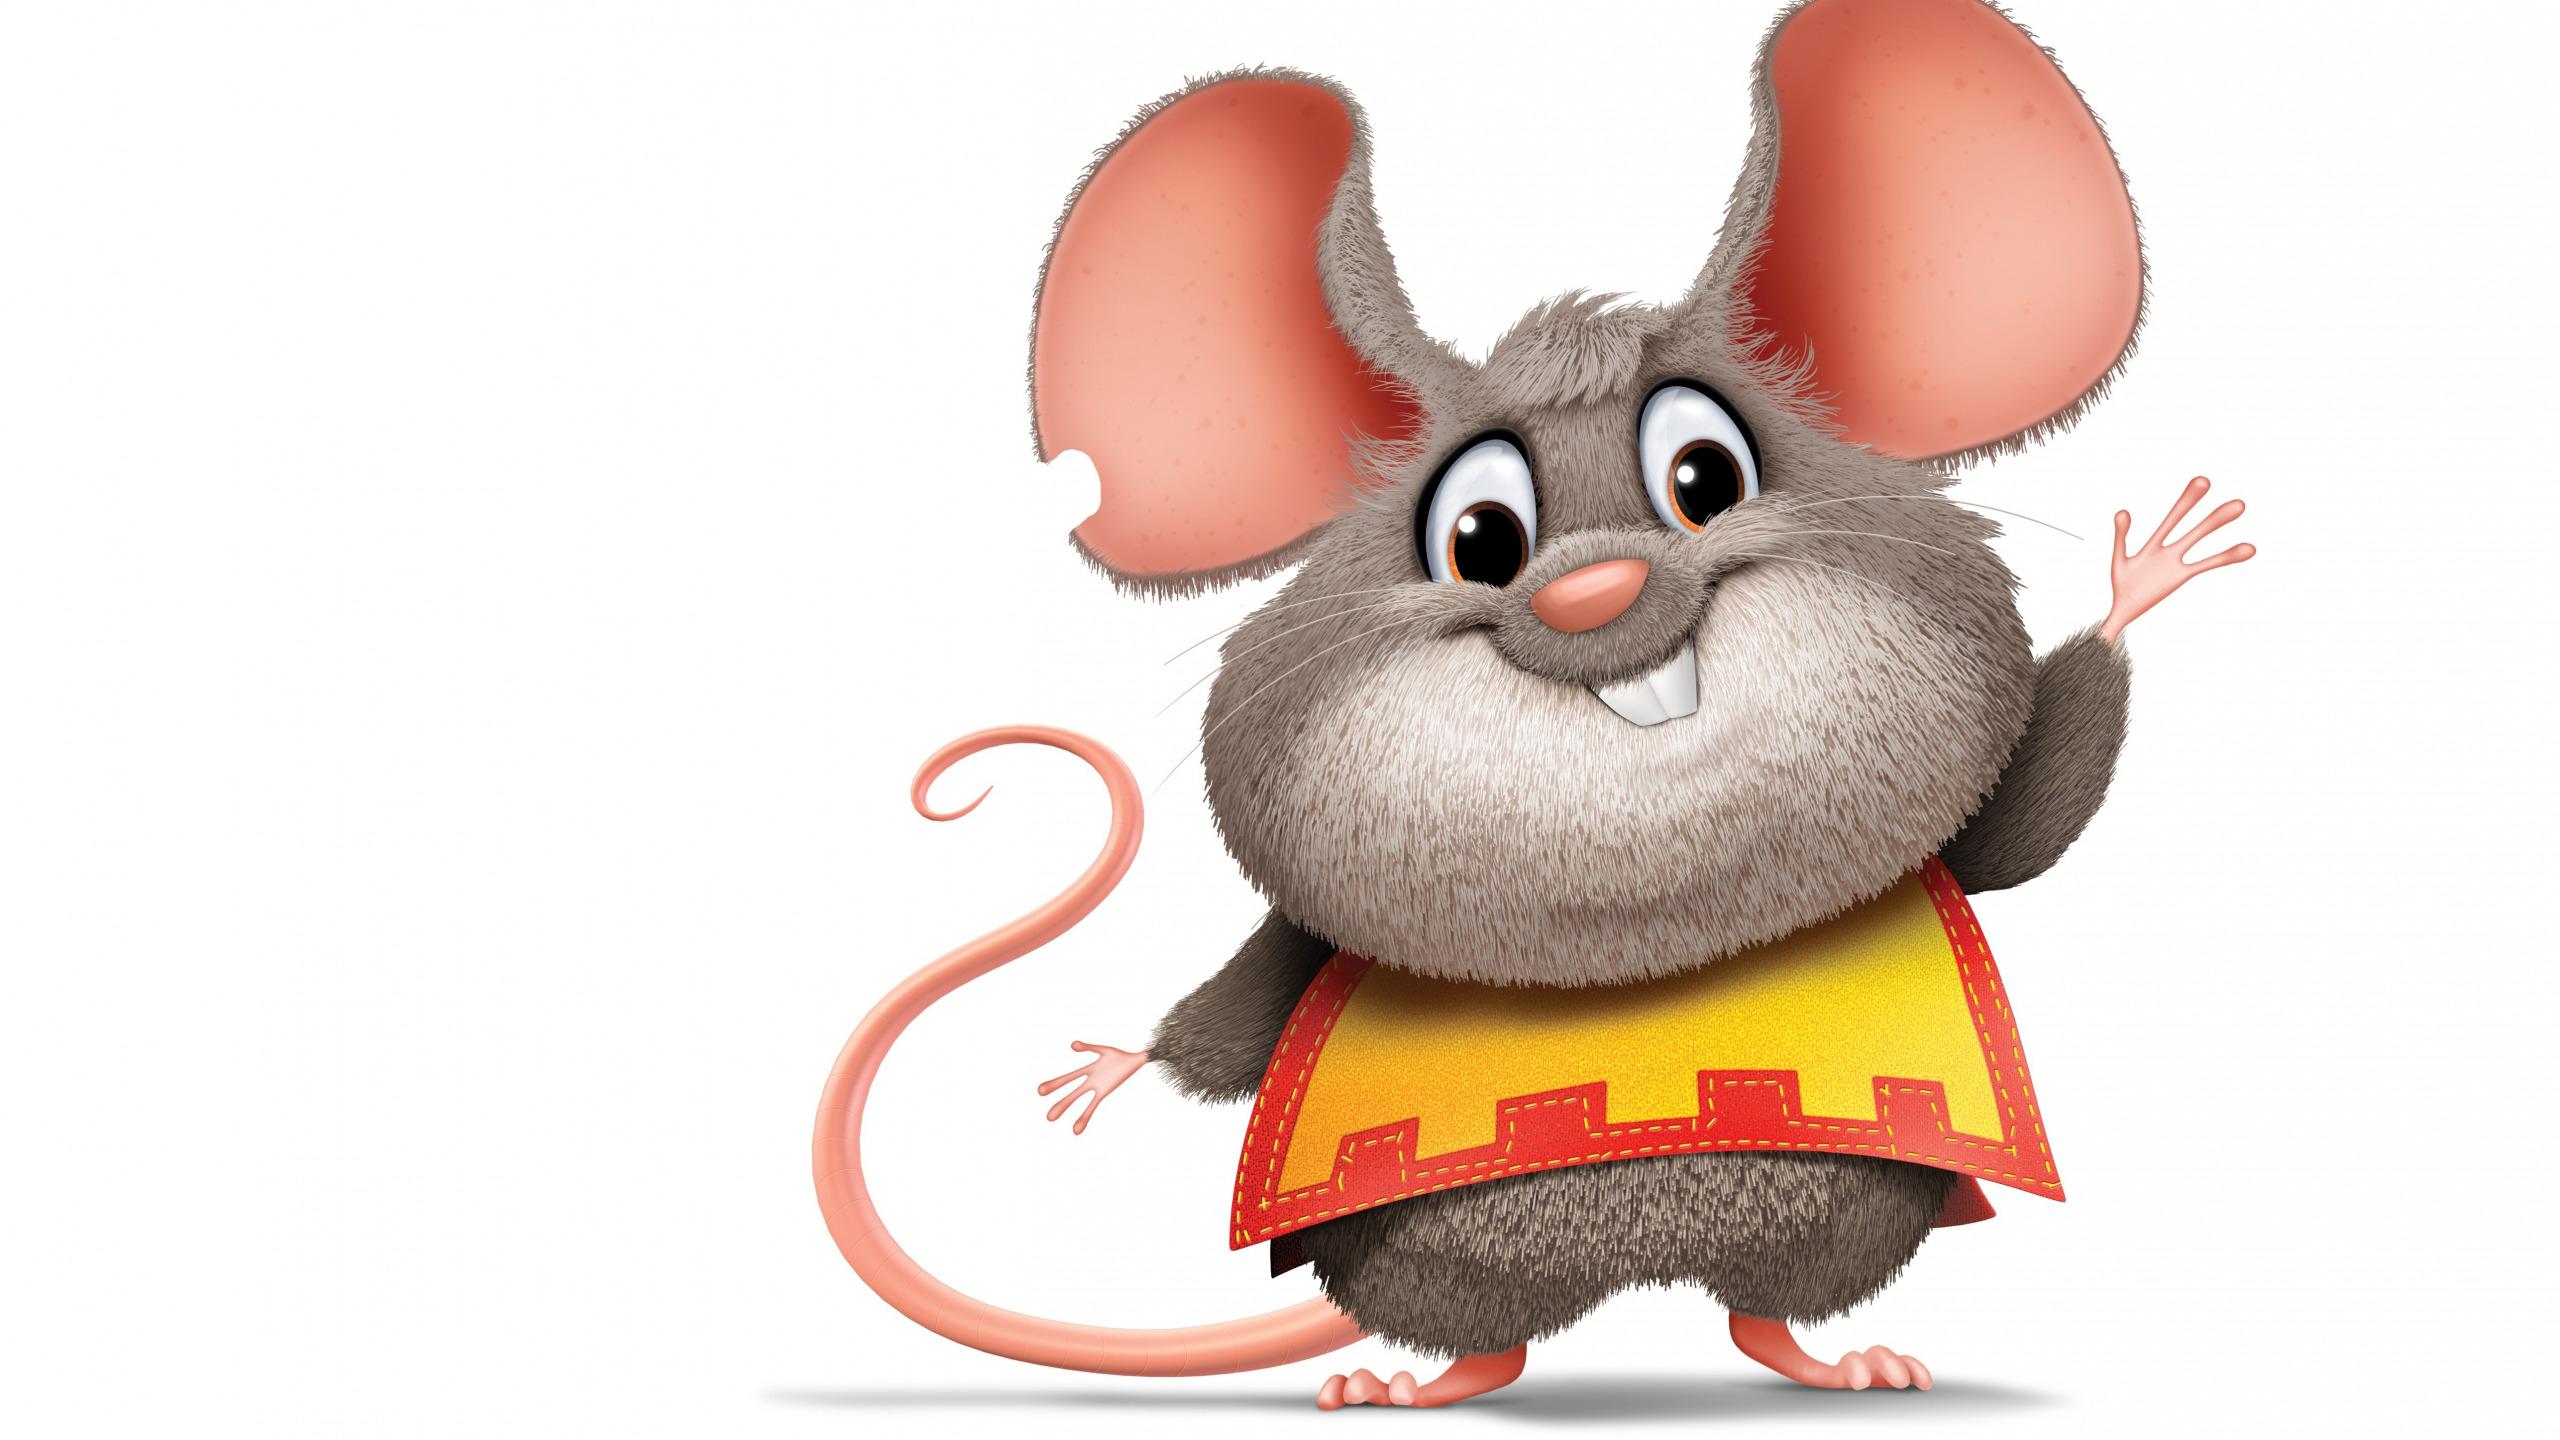 Картинка мышка для детей